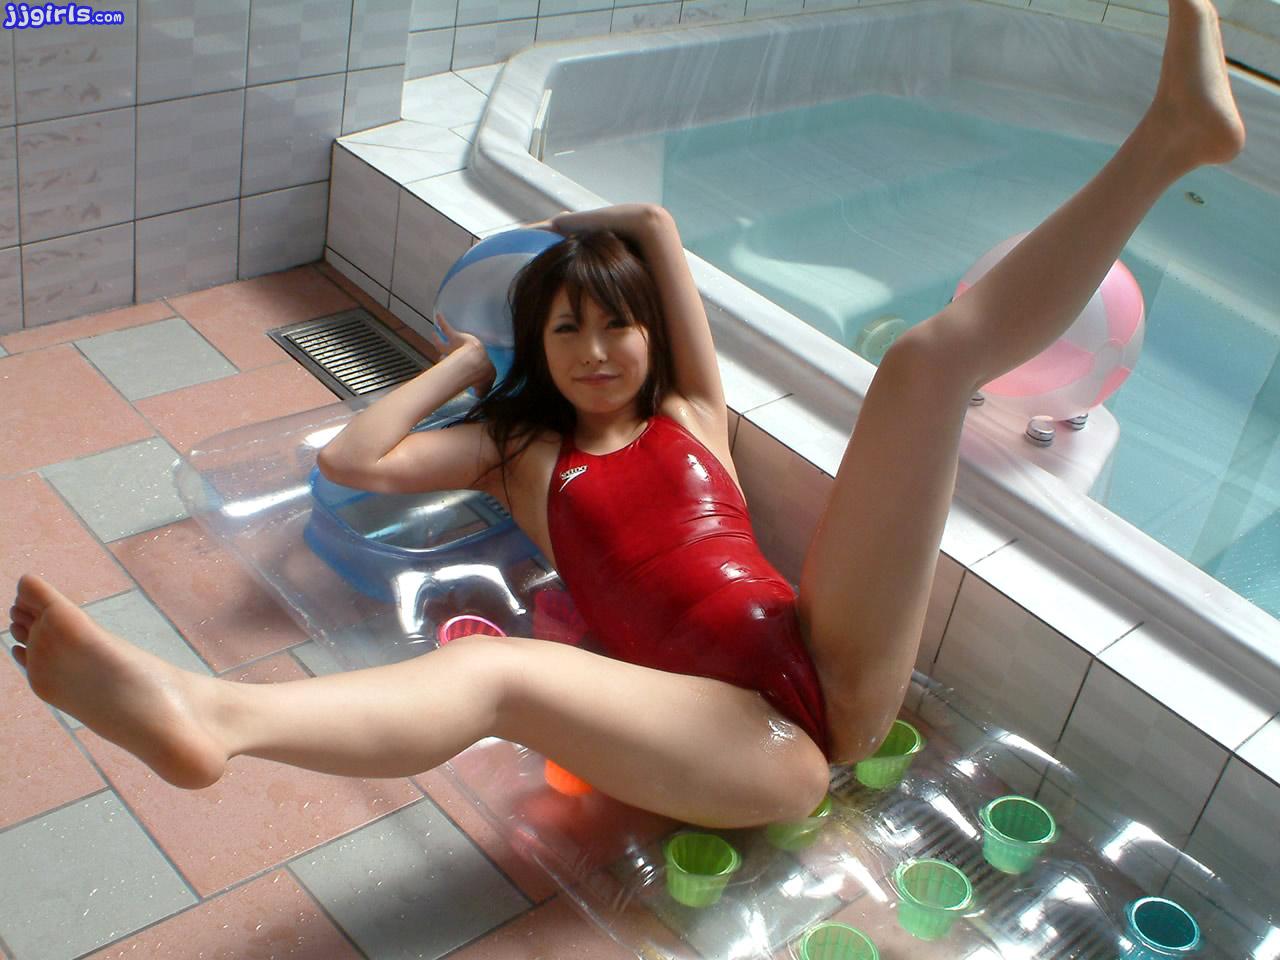 yaponskie-seks-kupalniki-mnogo-foto